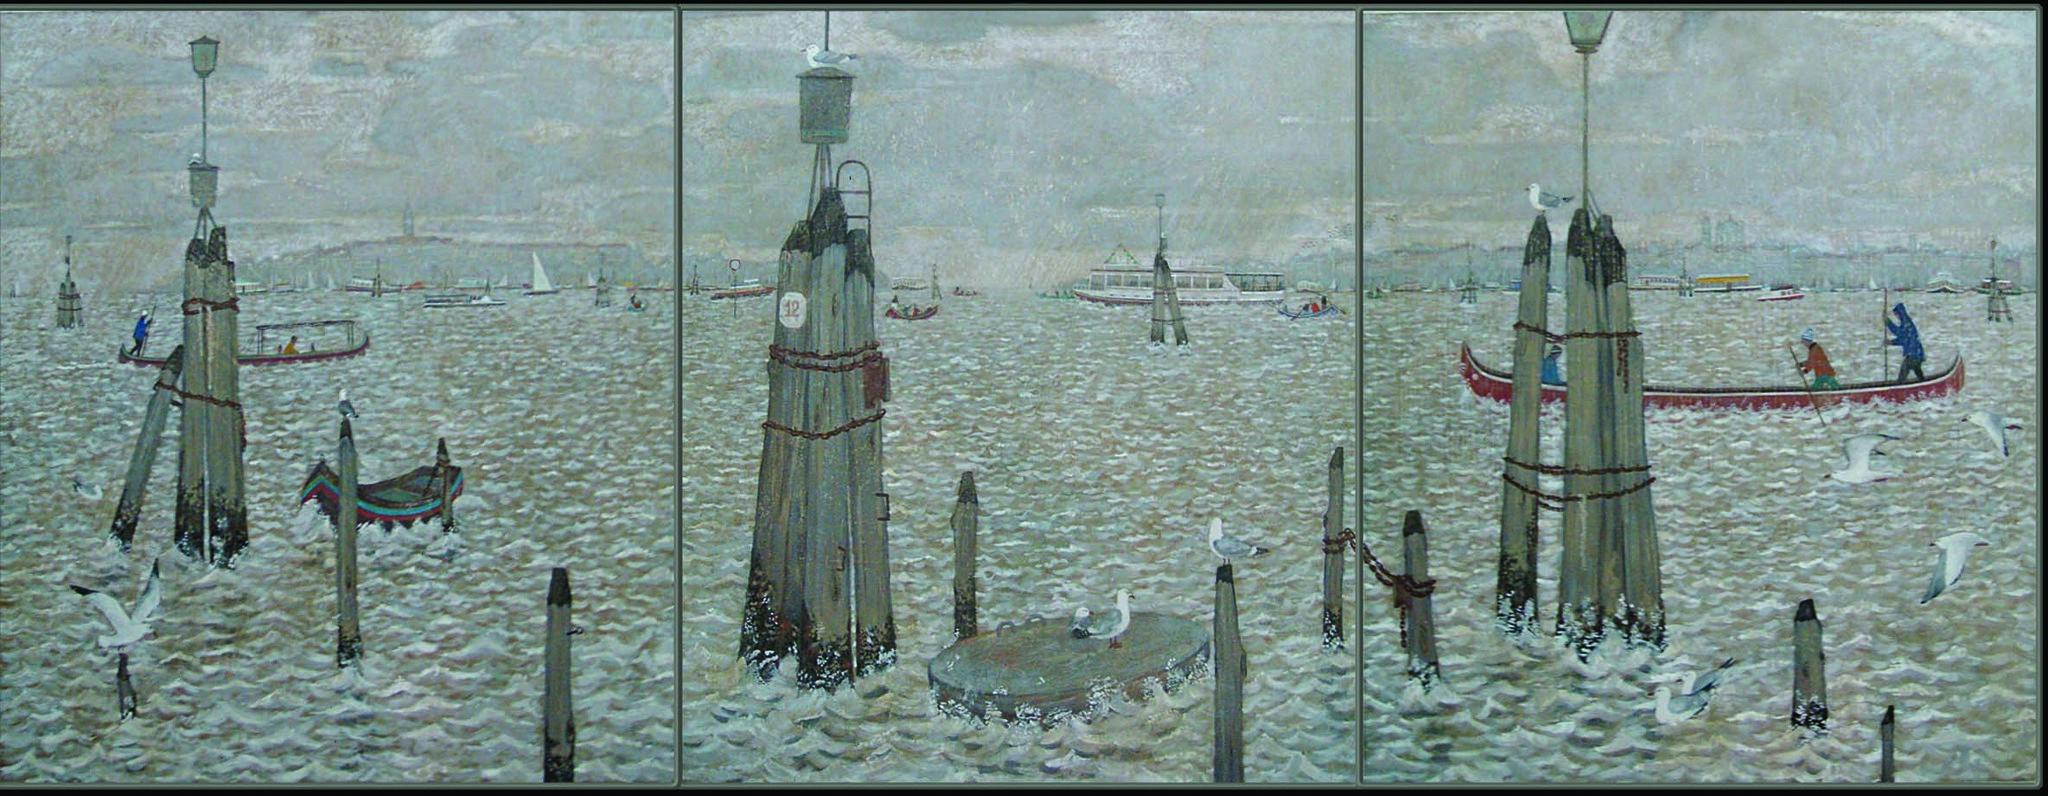 Высокая вода. Венеция